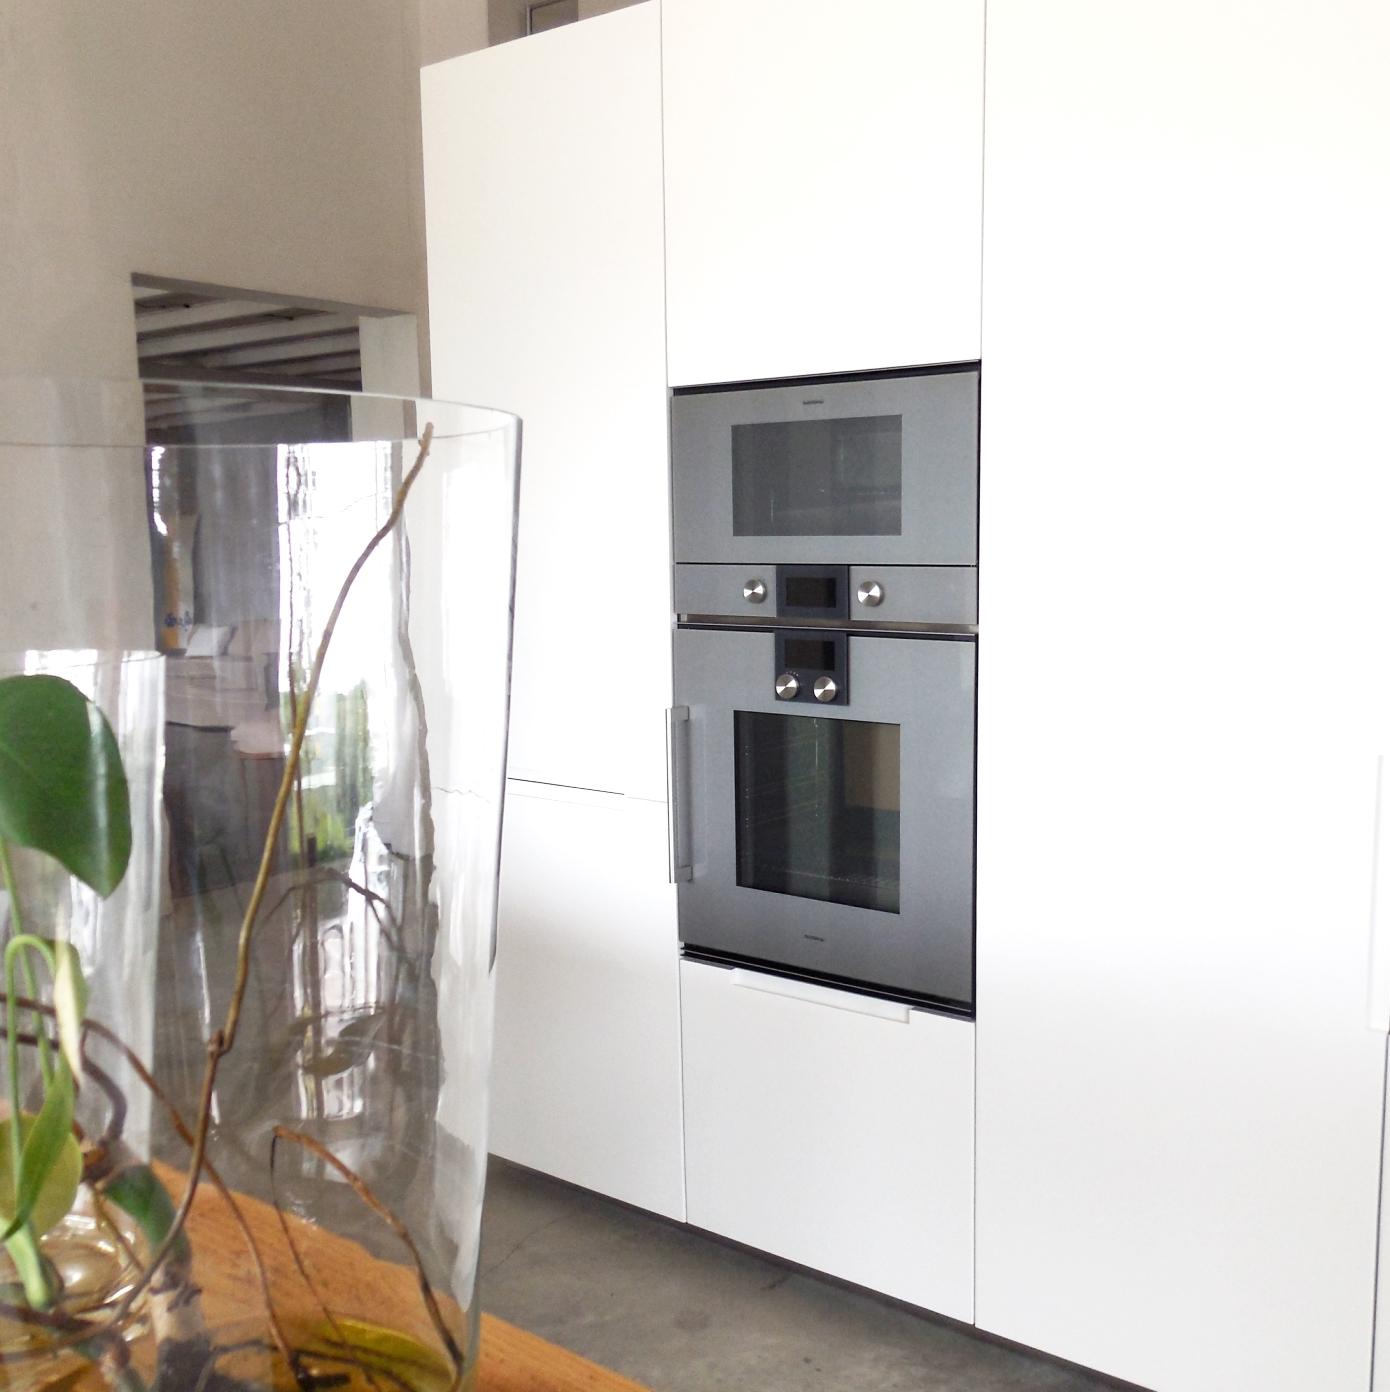 Elettrodomestico gaggenau forno microonde cucina - Elettrodomestici in cucina ...